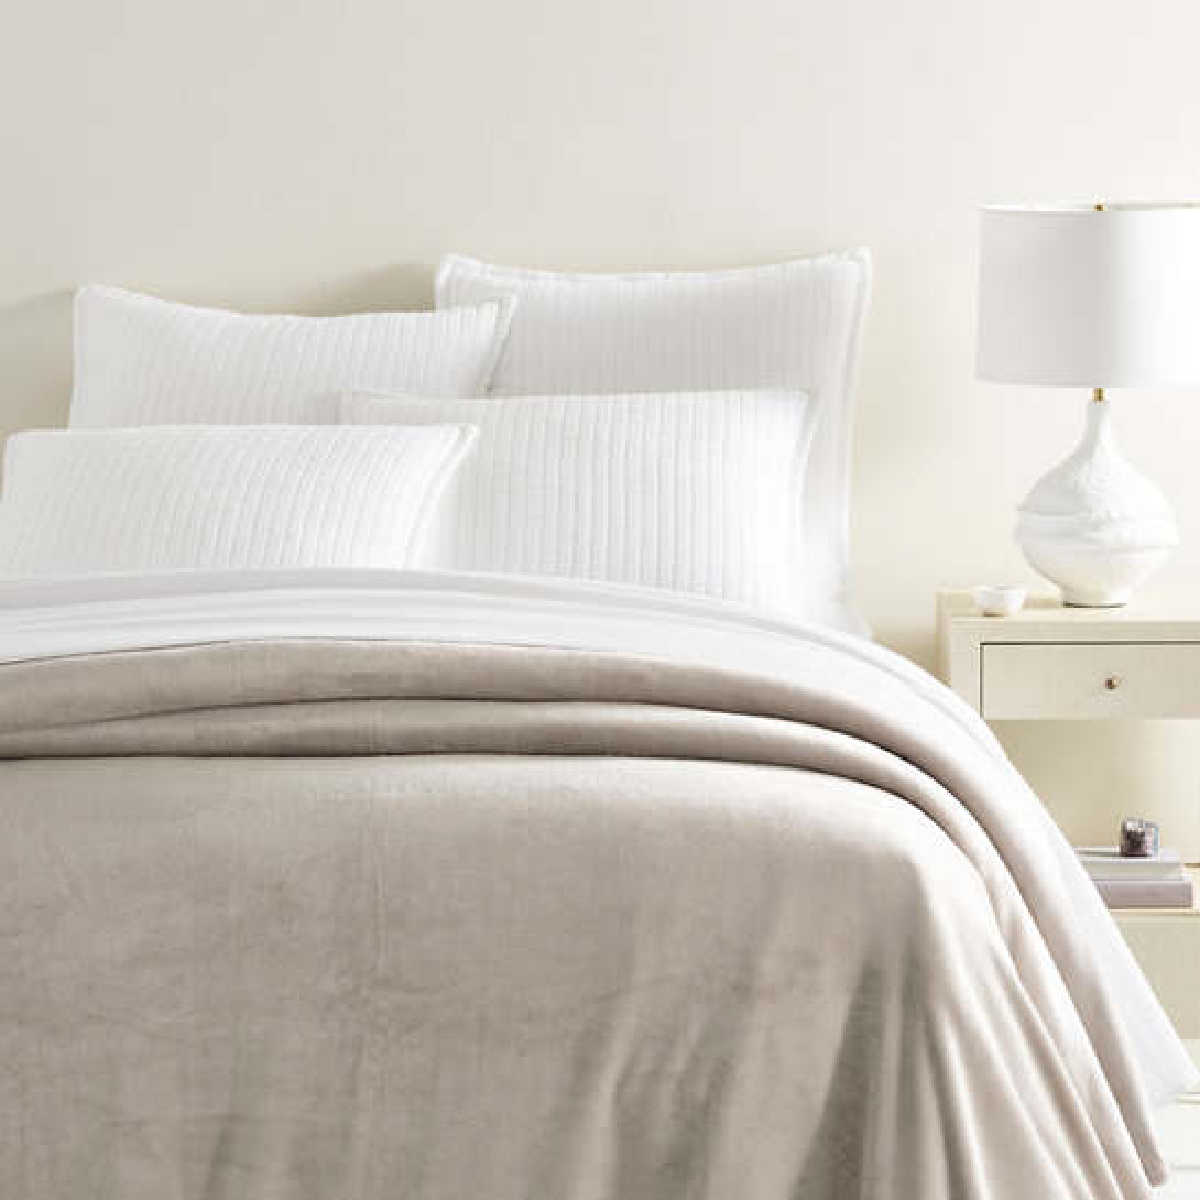 Sheepy Fleece 2.0 Dove Grey Blanket